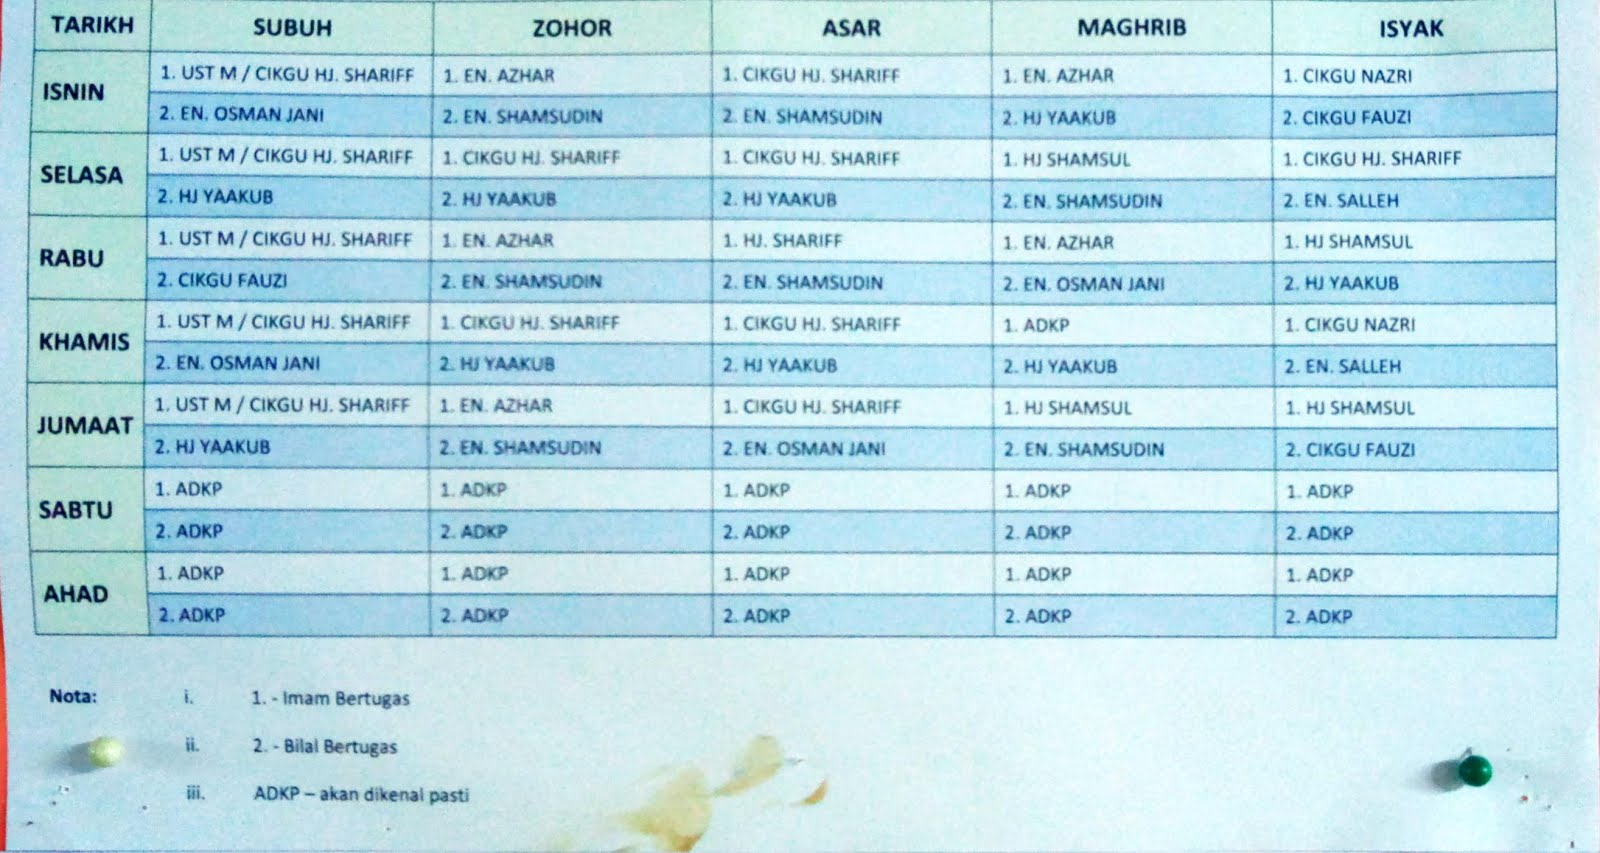 Senarai Imam & Bilal Surau Desa Mewah 2017